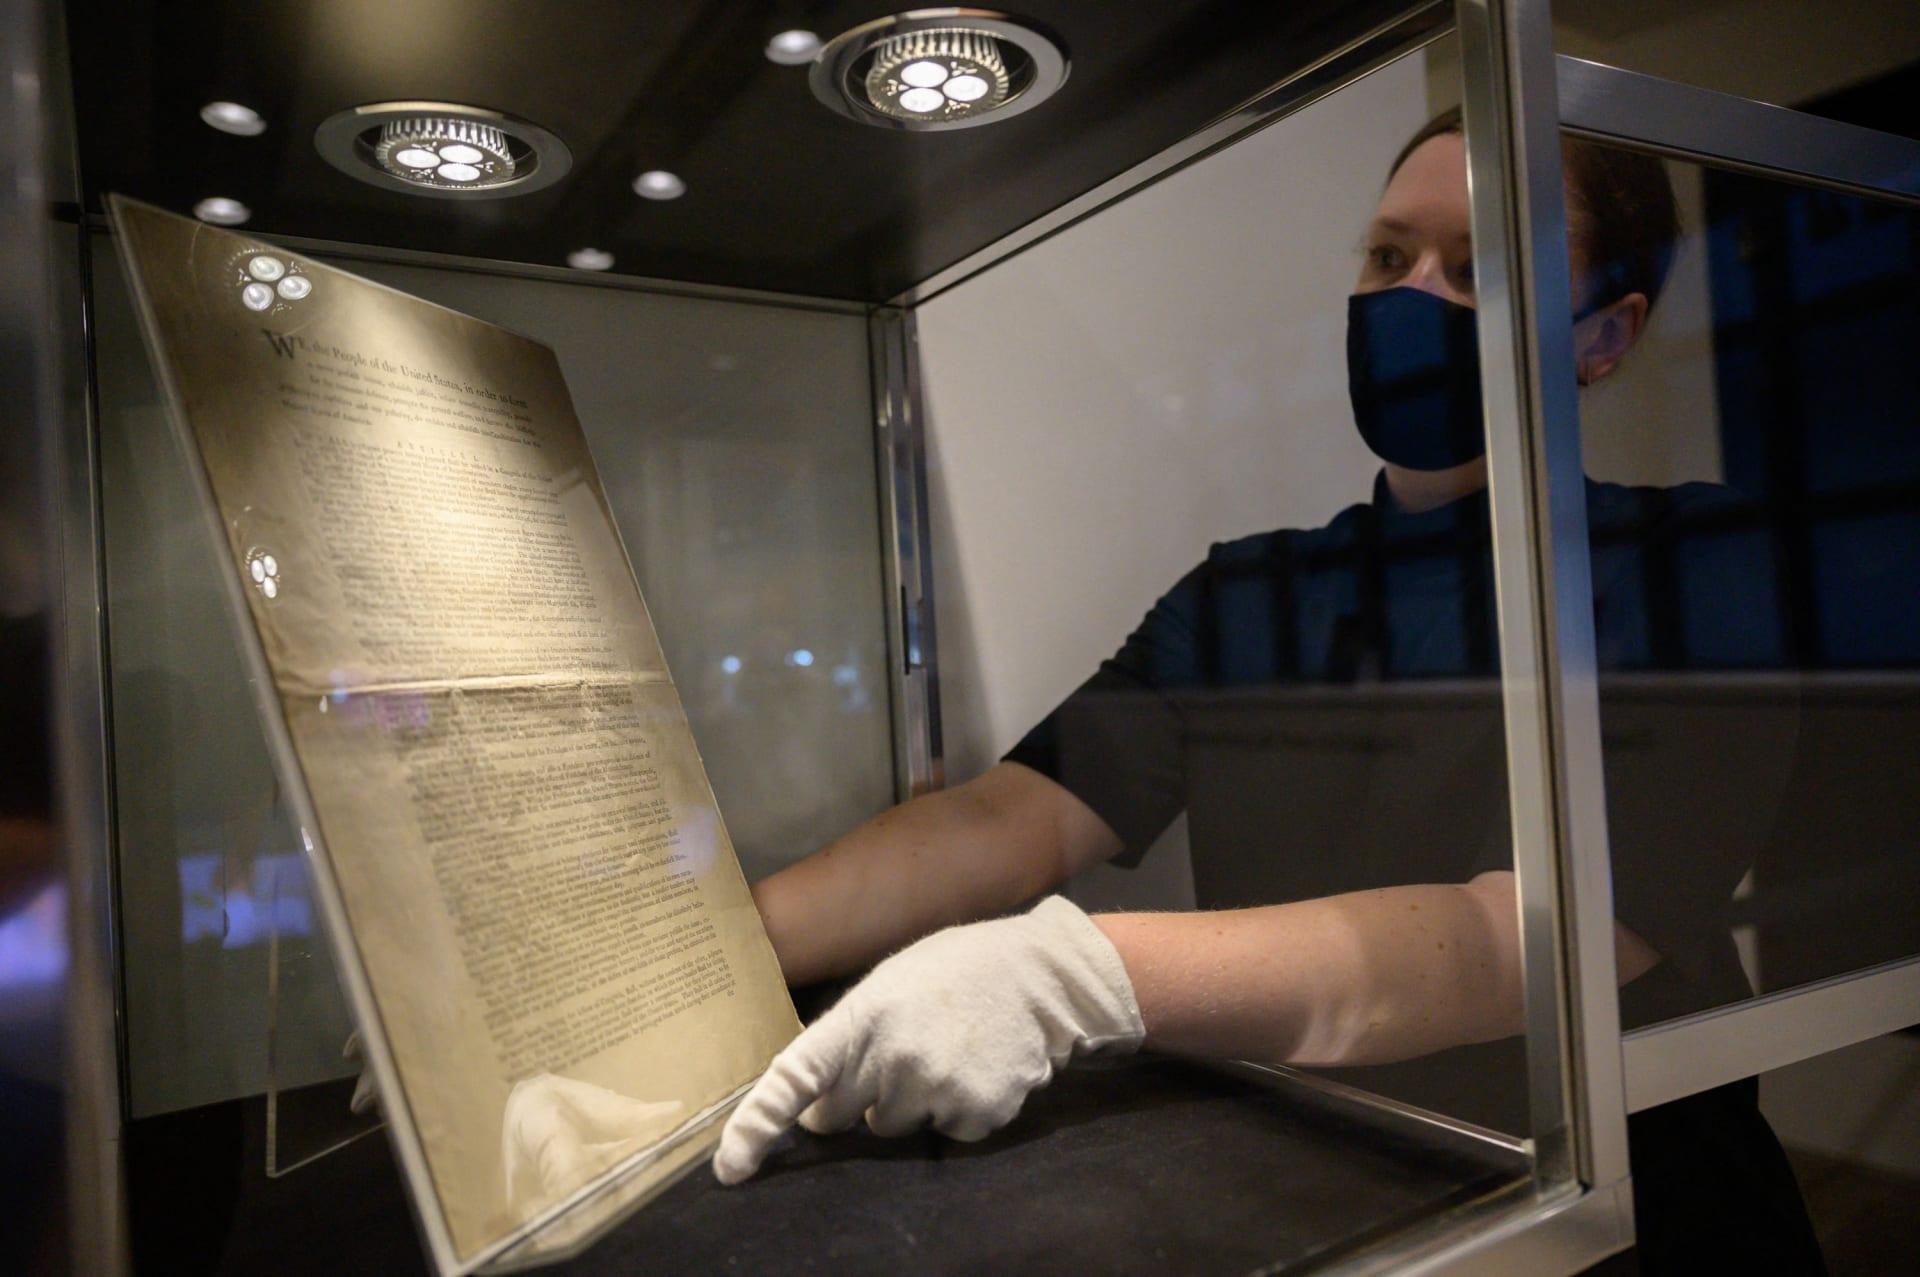 نسخة نادرة من الطبعة الأولى للدستور الأمريكي قد تُباع بـ20 مليون دولار